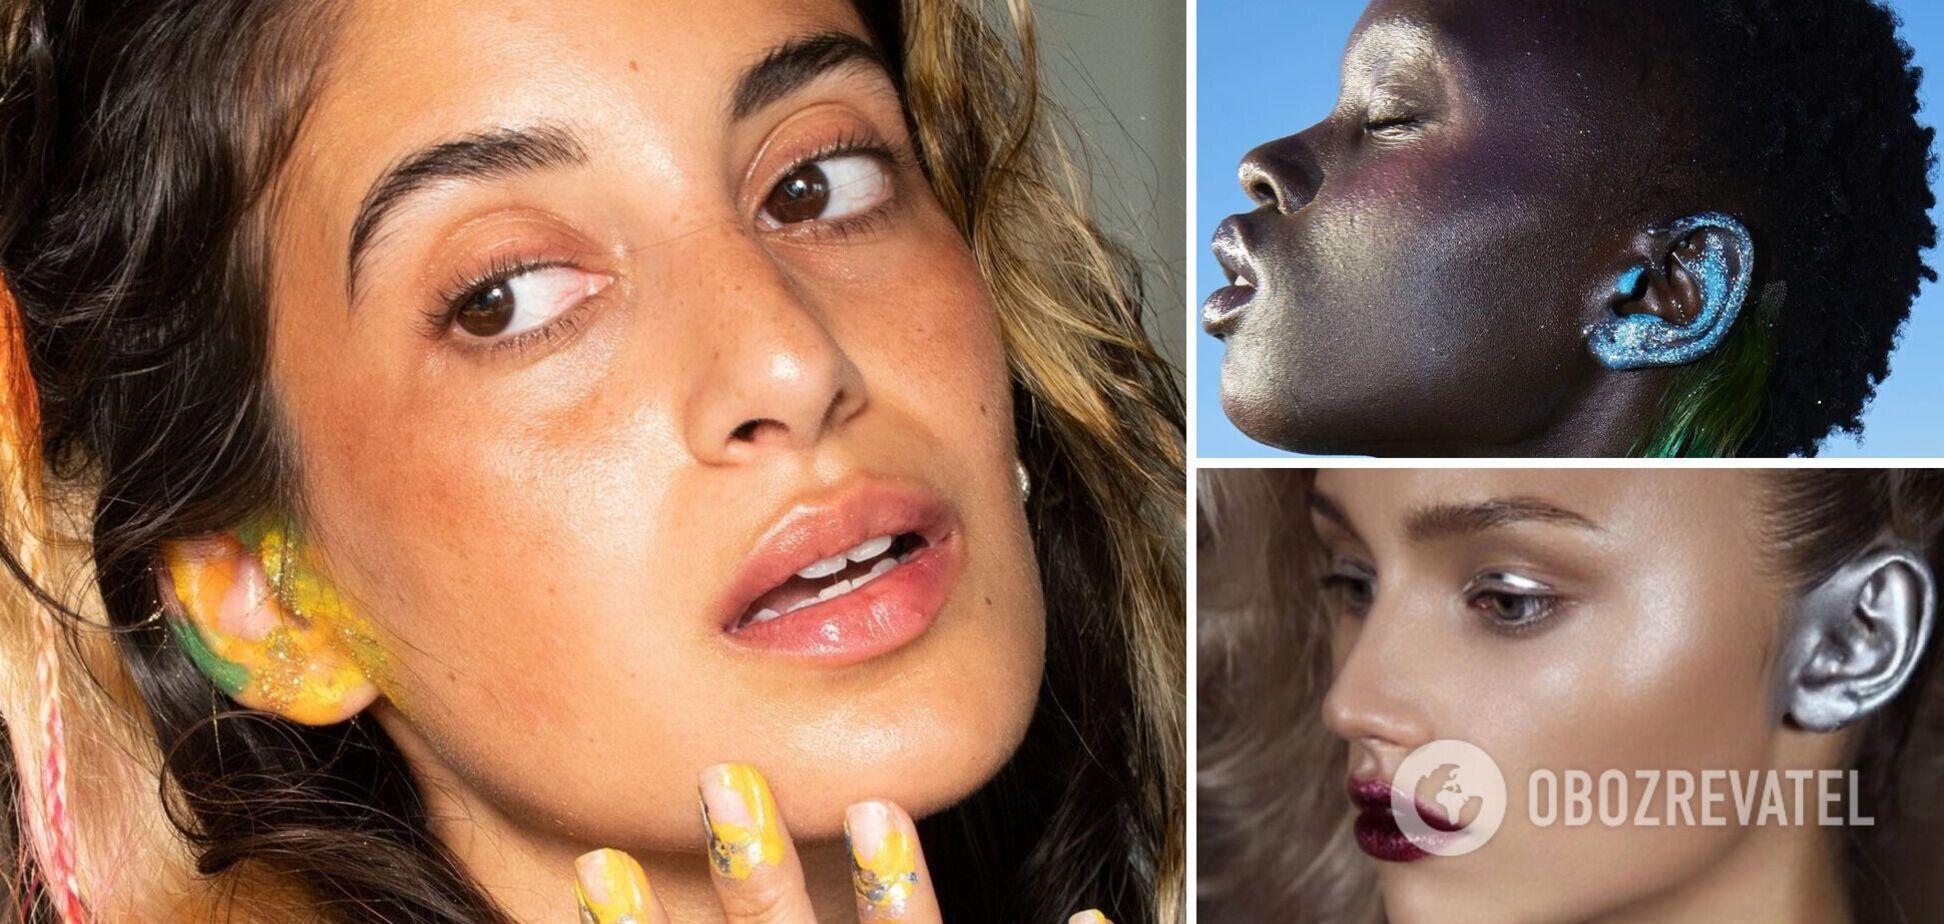 У мережі з'явився новий тренд: моделі почали фарбувати вуха. Фото